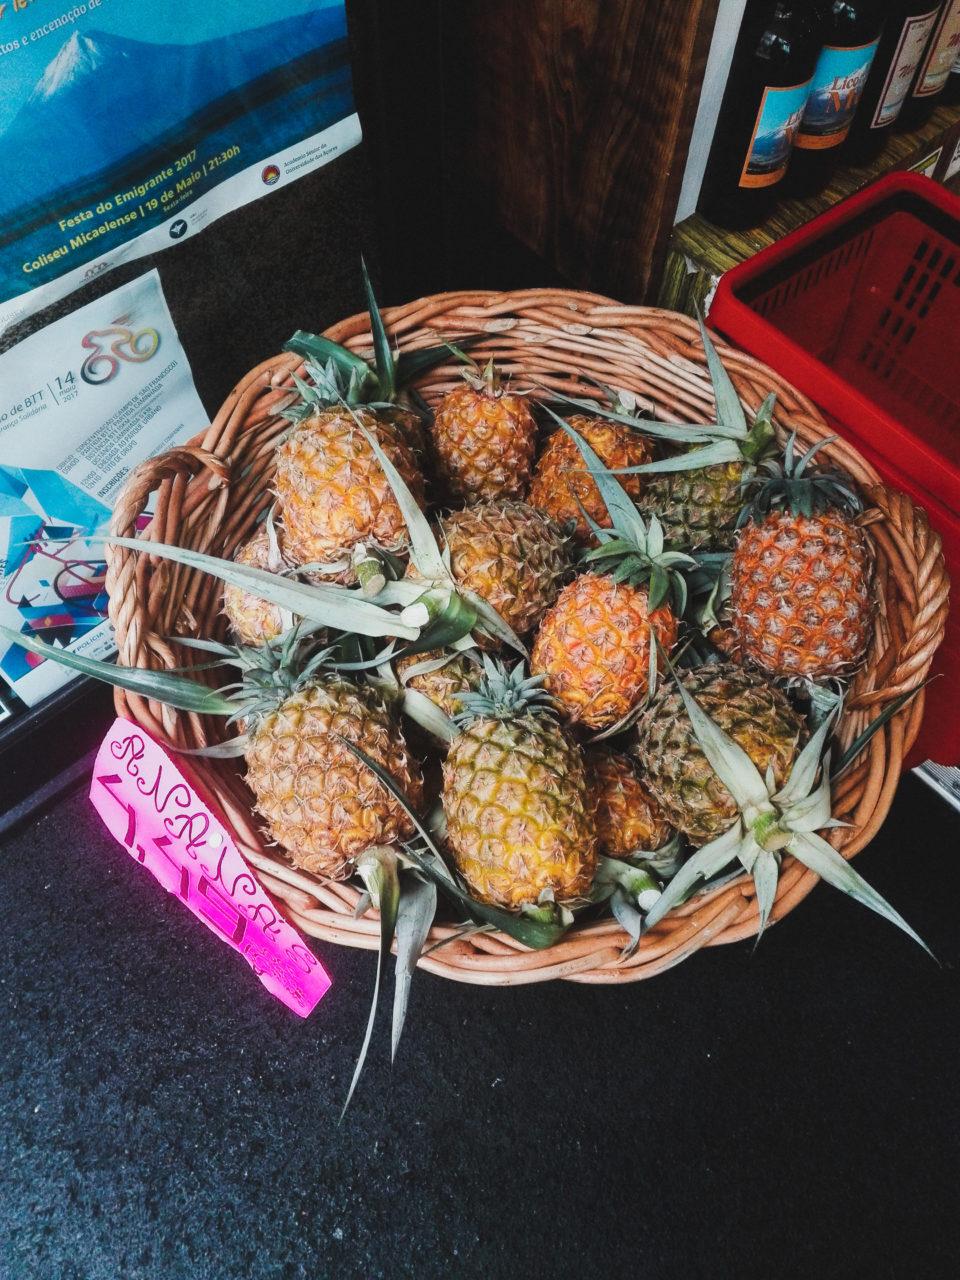 ananasy azory